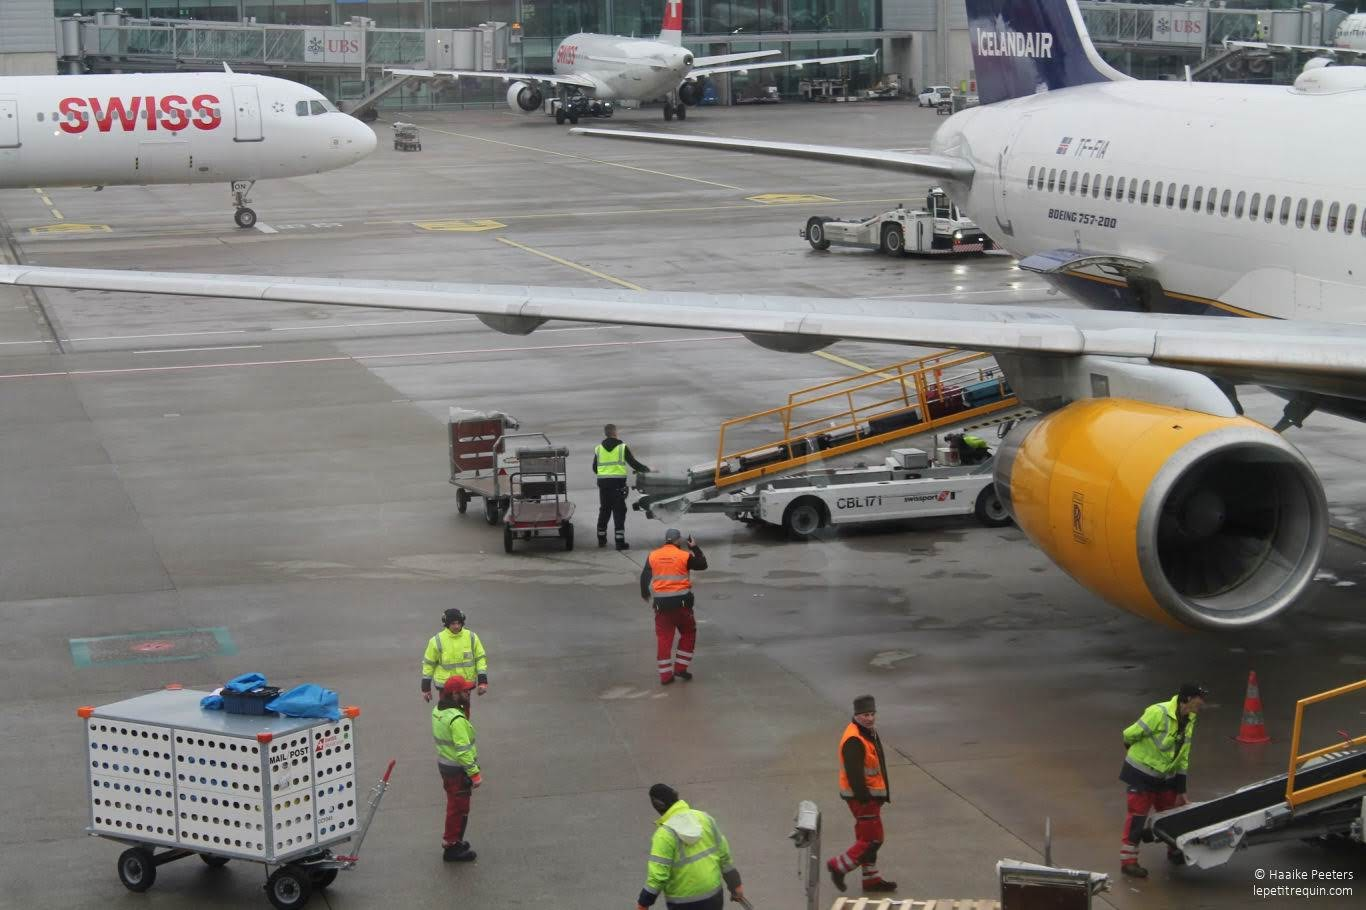 Flughafen Zürich (Le petit requin)